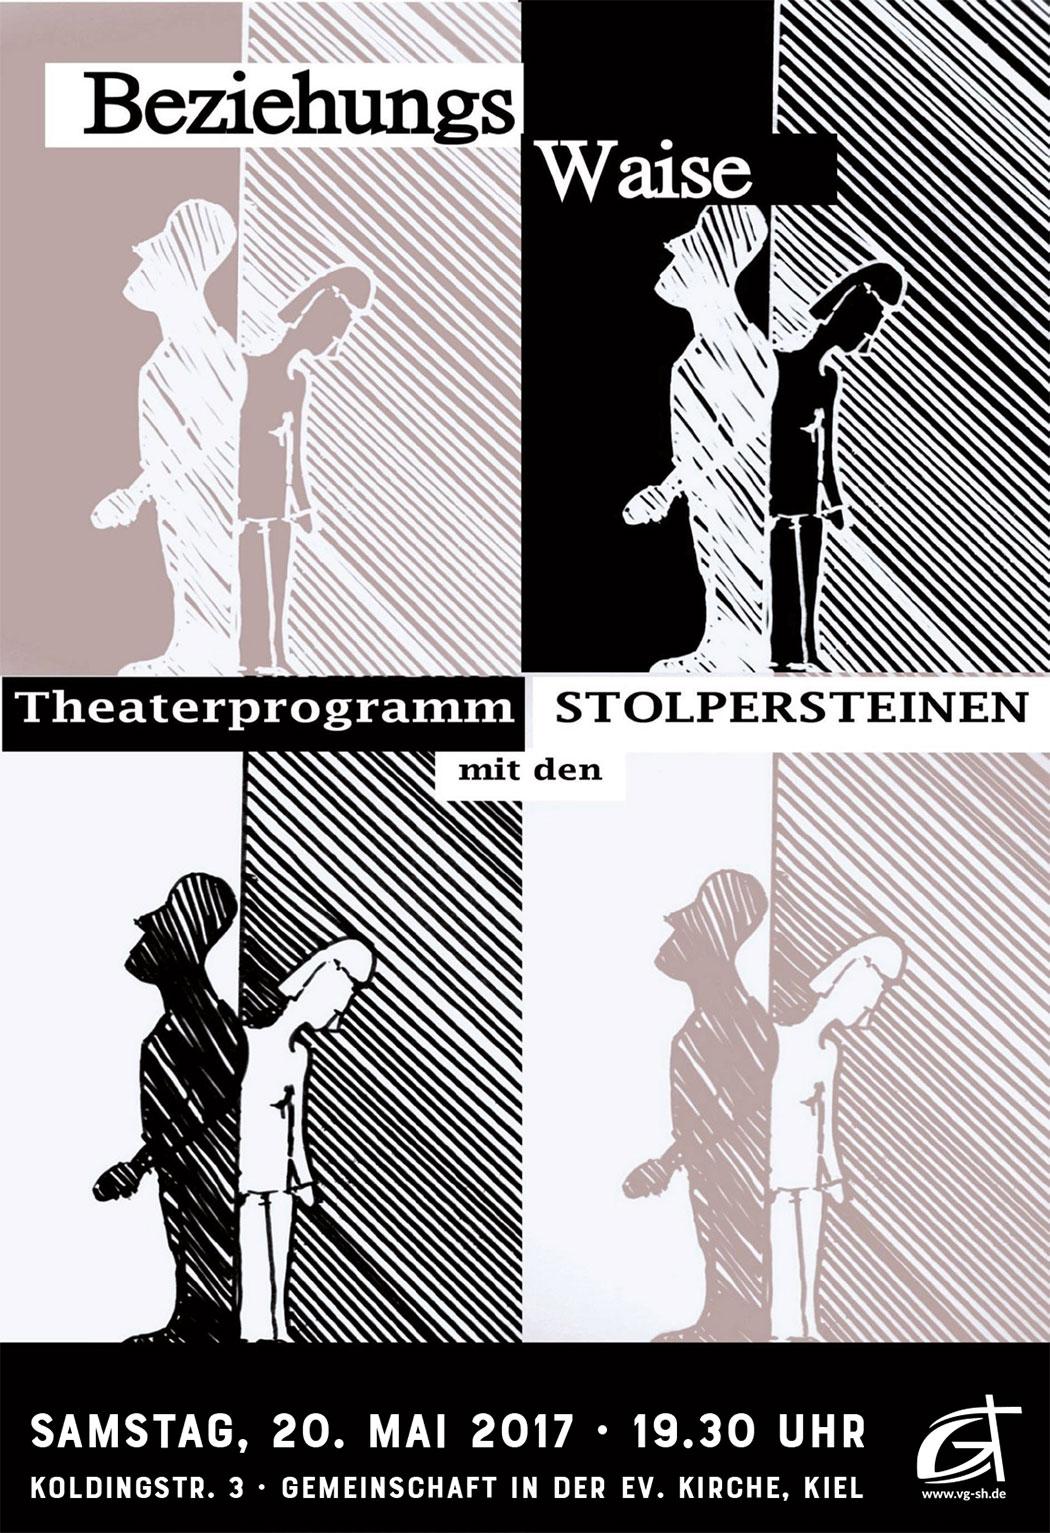 stolpersteine_VS